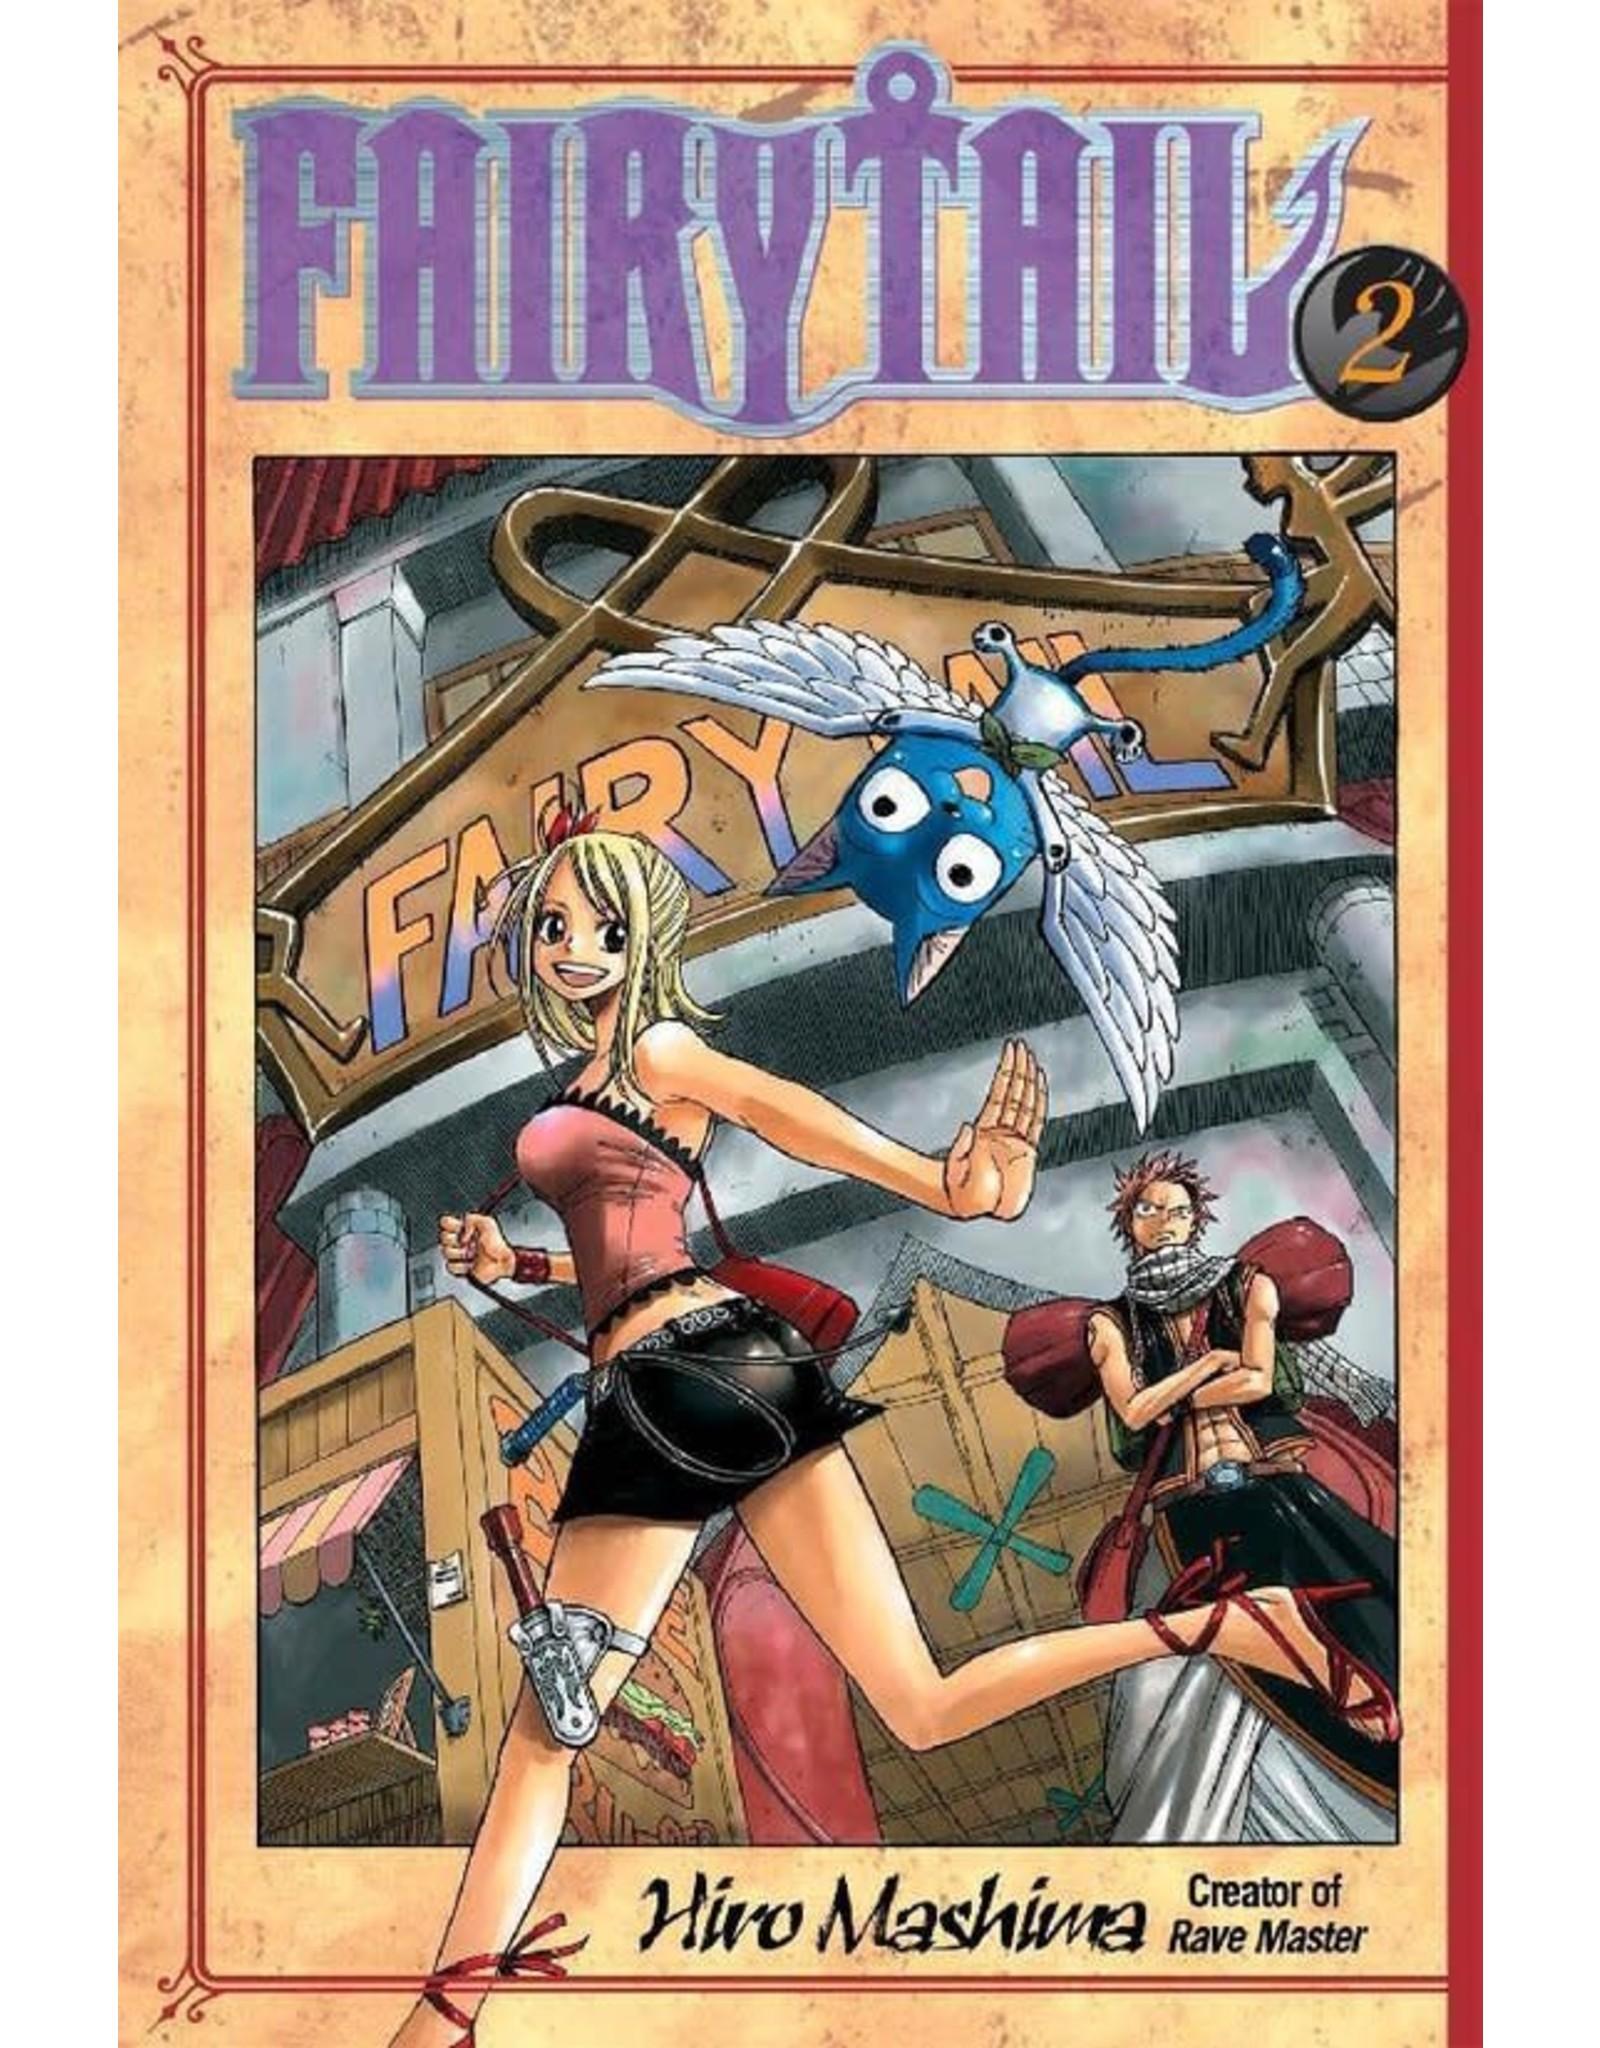 Fairy Tail 02 (Engelstalig) - Manga